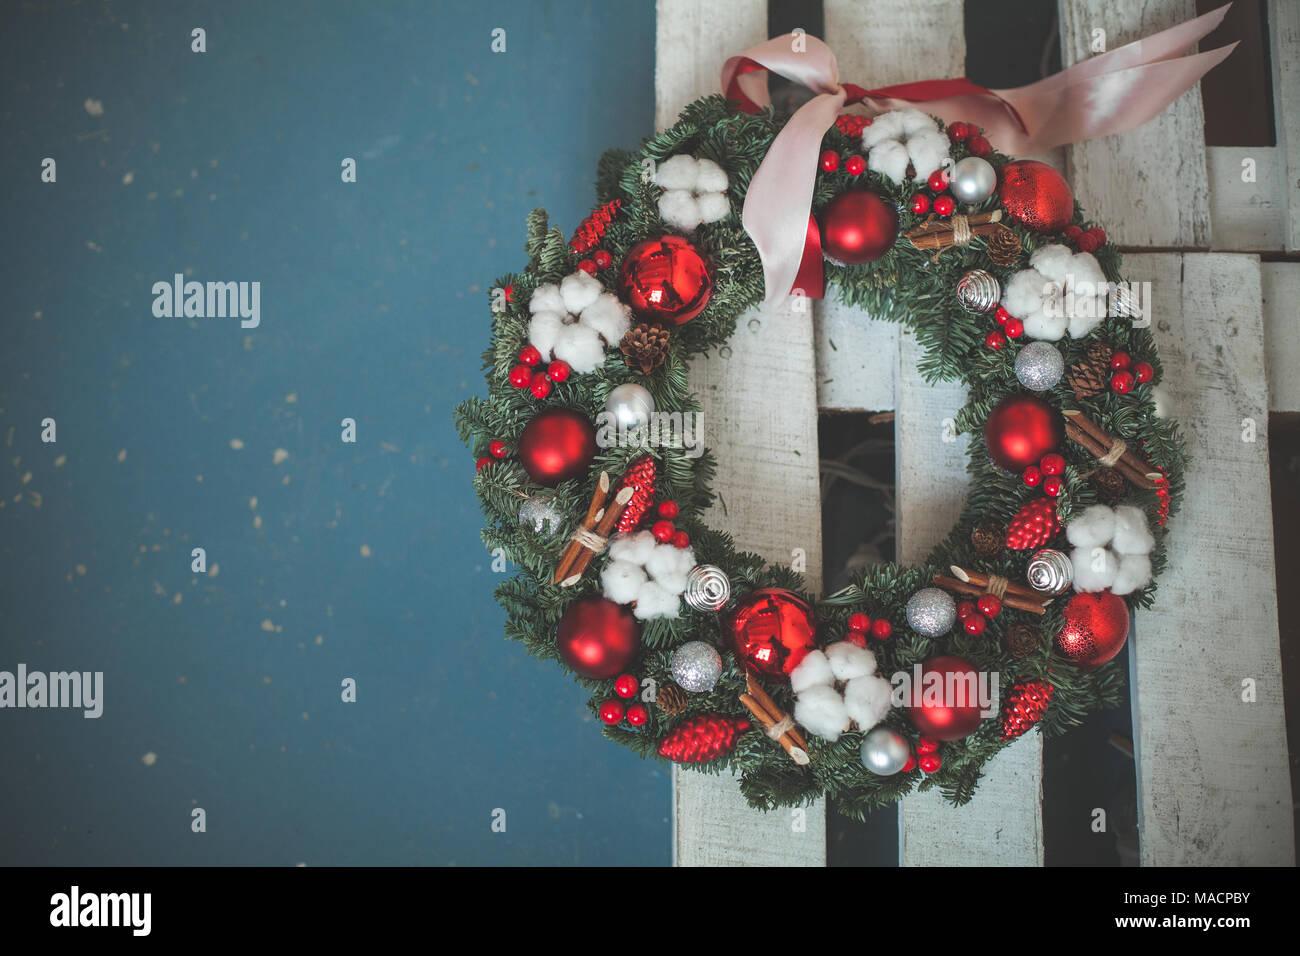 Albero Di Natale Con Decorazioni Blu : Decorazioni di natale con verde albero di natale ramoscello rosso